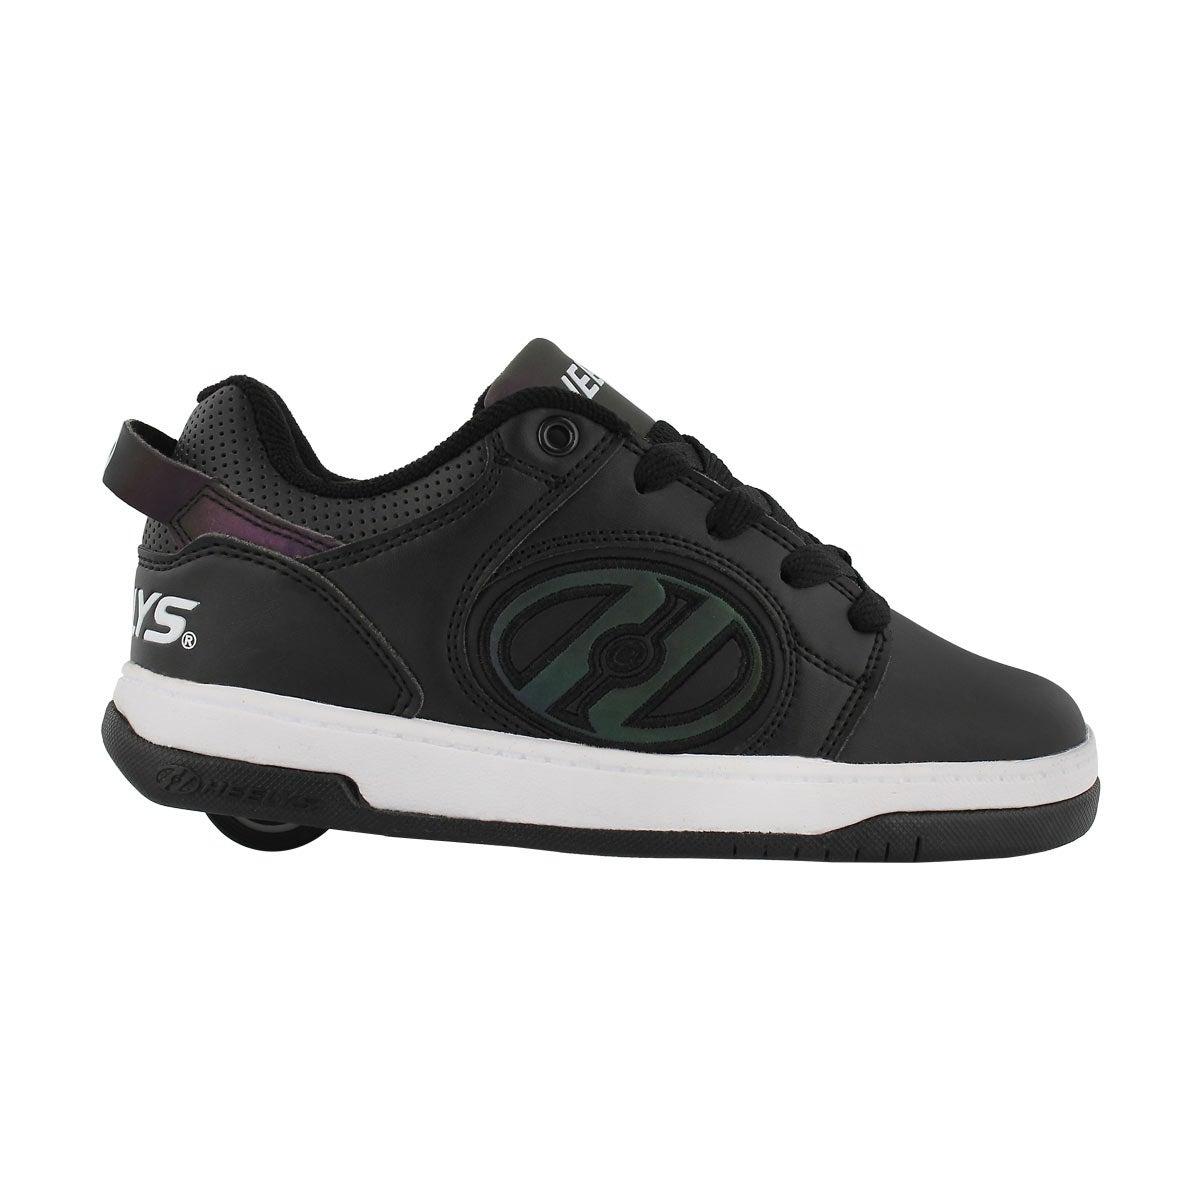 Bys Voyager blk reflective skate sneaker